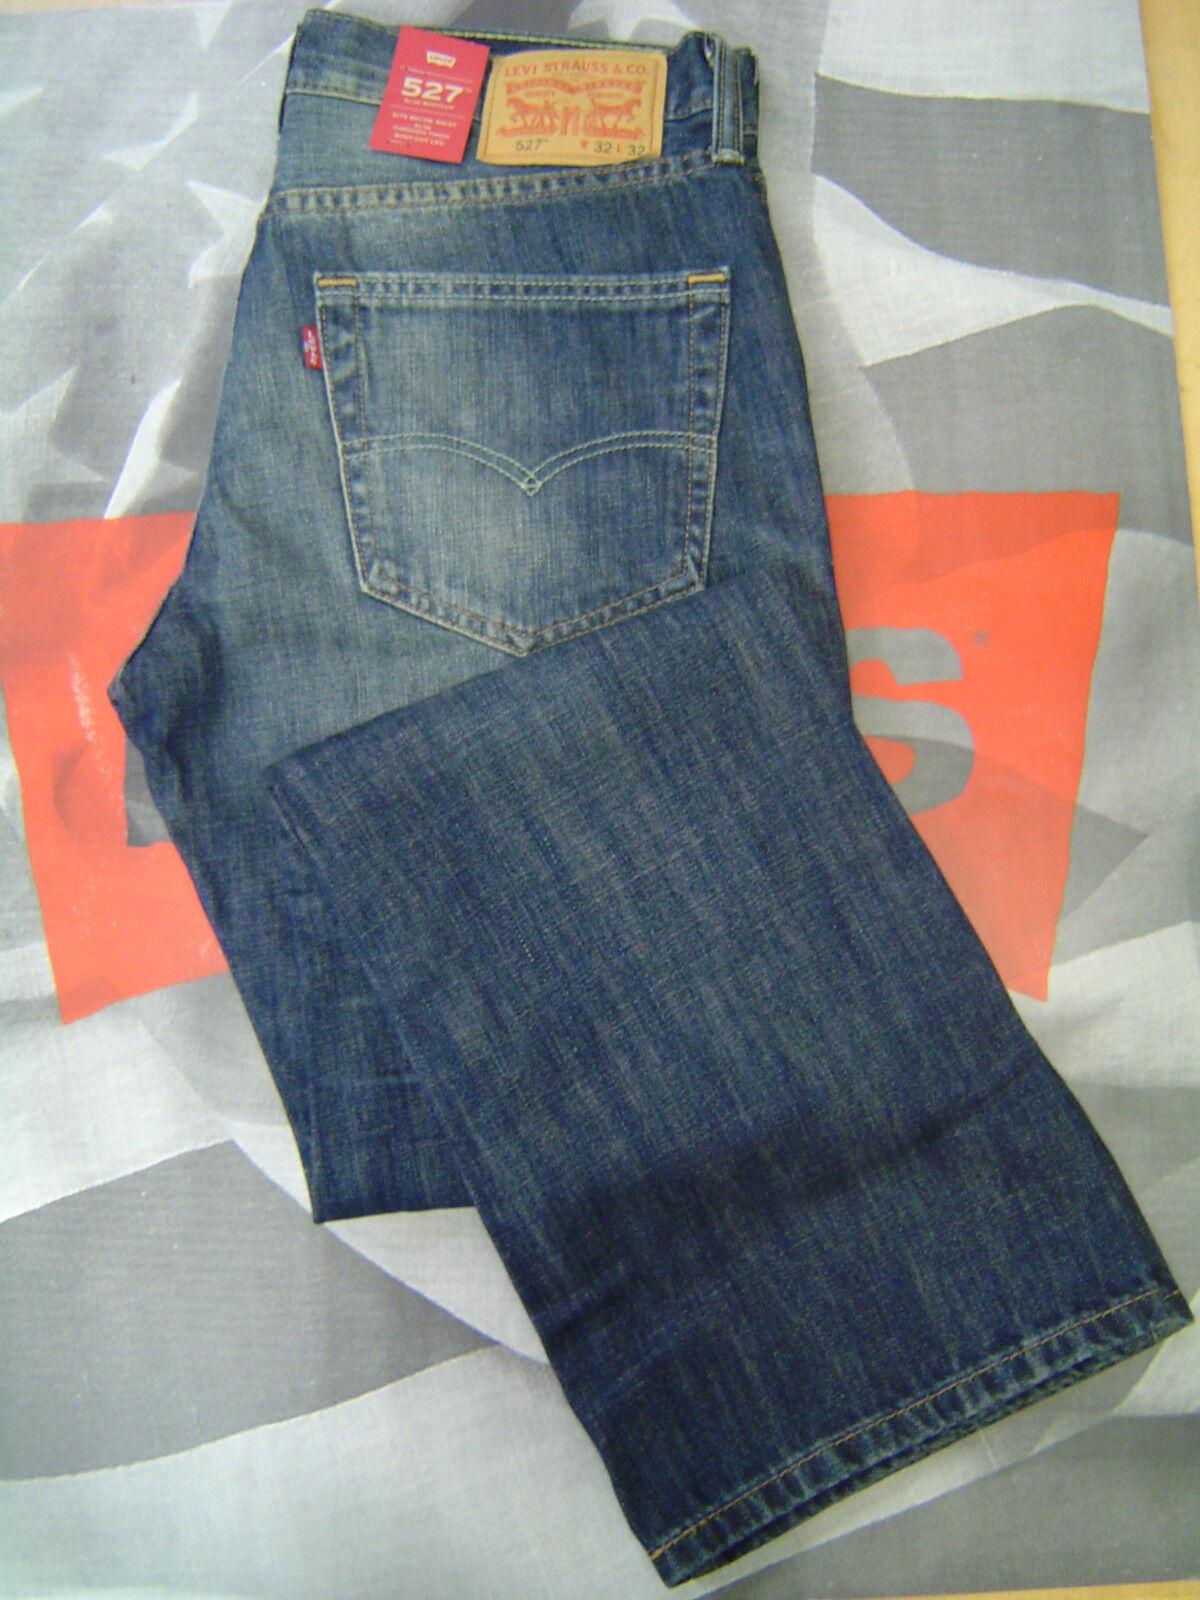 42cbefaf Levi's 527 Slim Bootcut Boot Cut 100 Cotton Jeans - Men's 36 X 34 ...